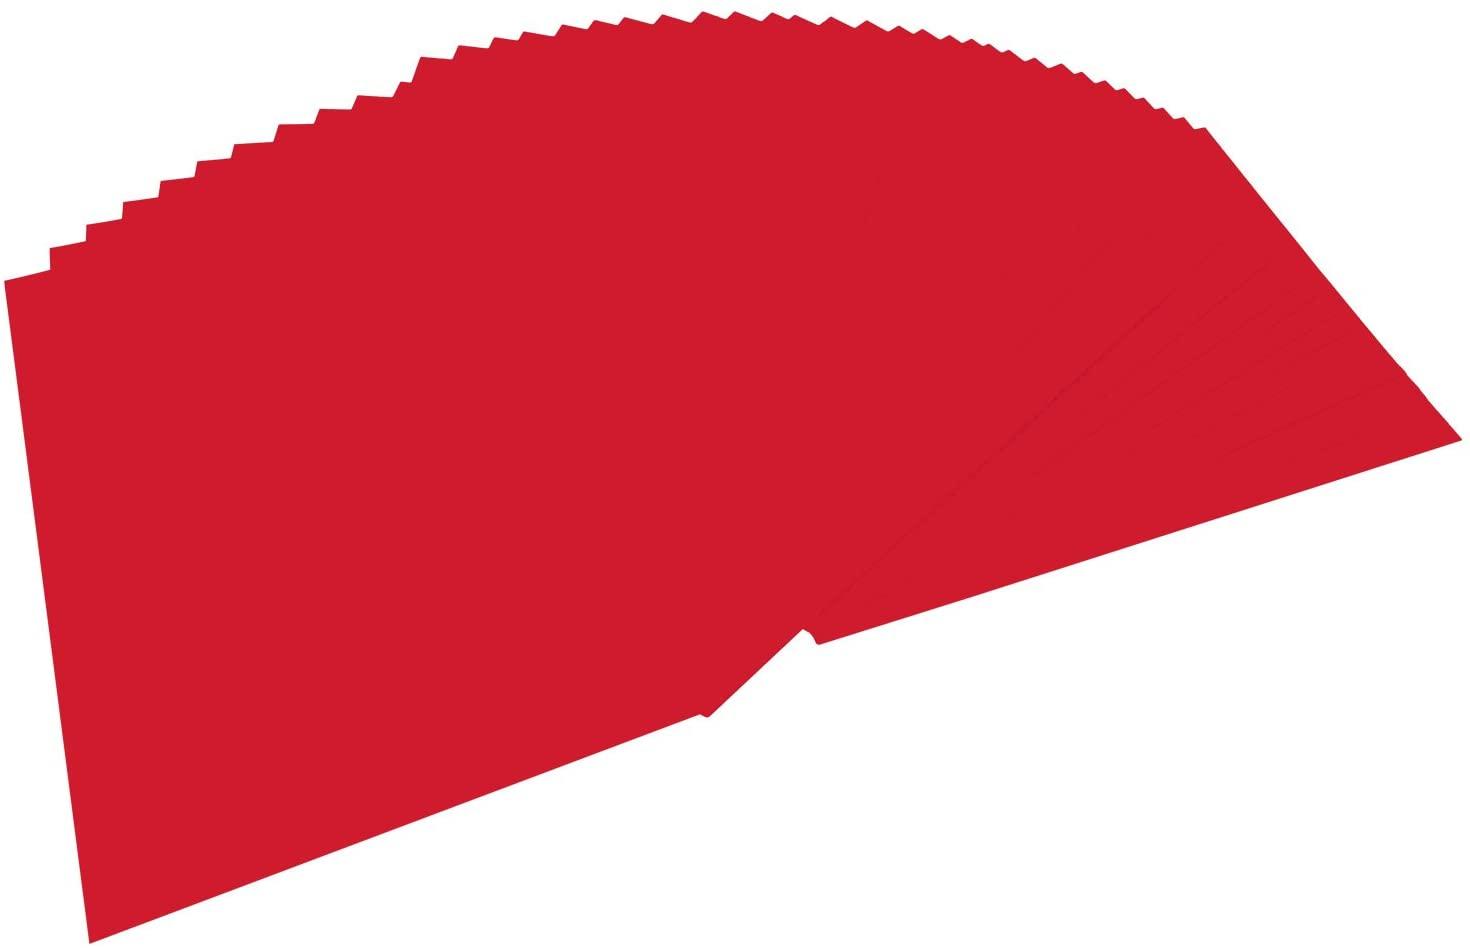 folia 6420 - Tonpapier hochrot, DIN A4, 130 g/qm, 100 Blatt - zum Basteln und kreativen Gestalten vo